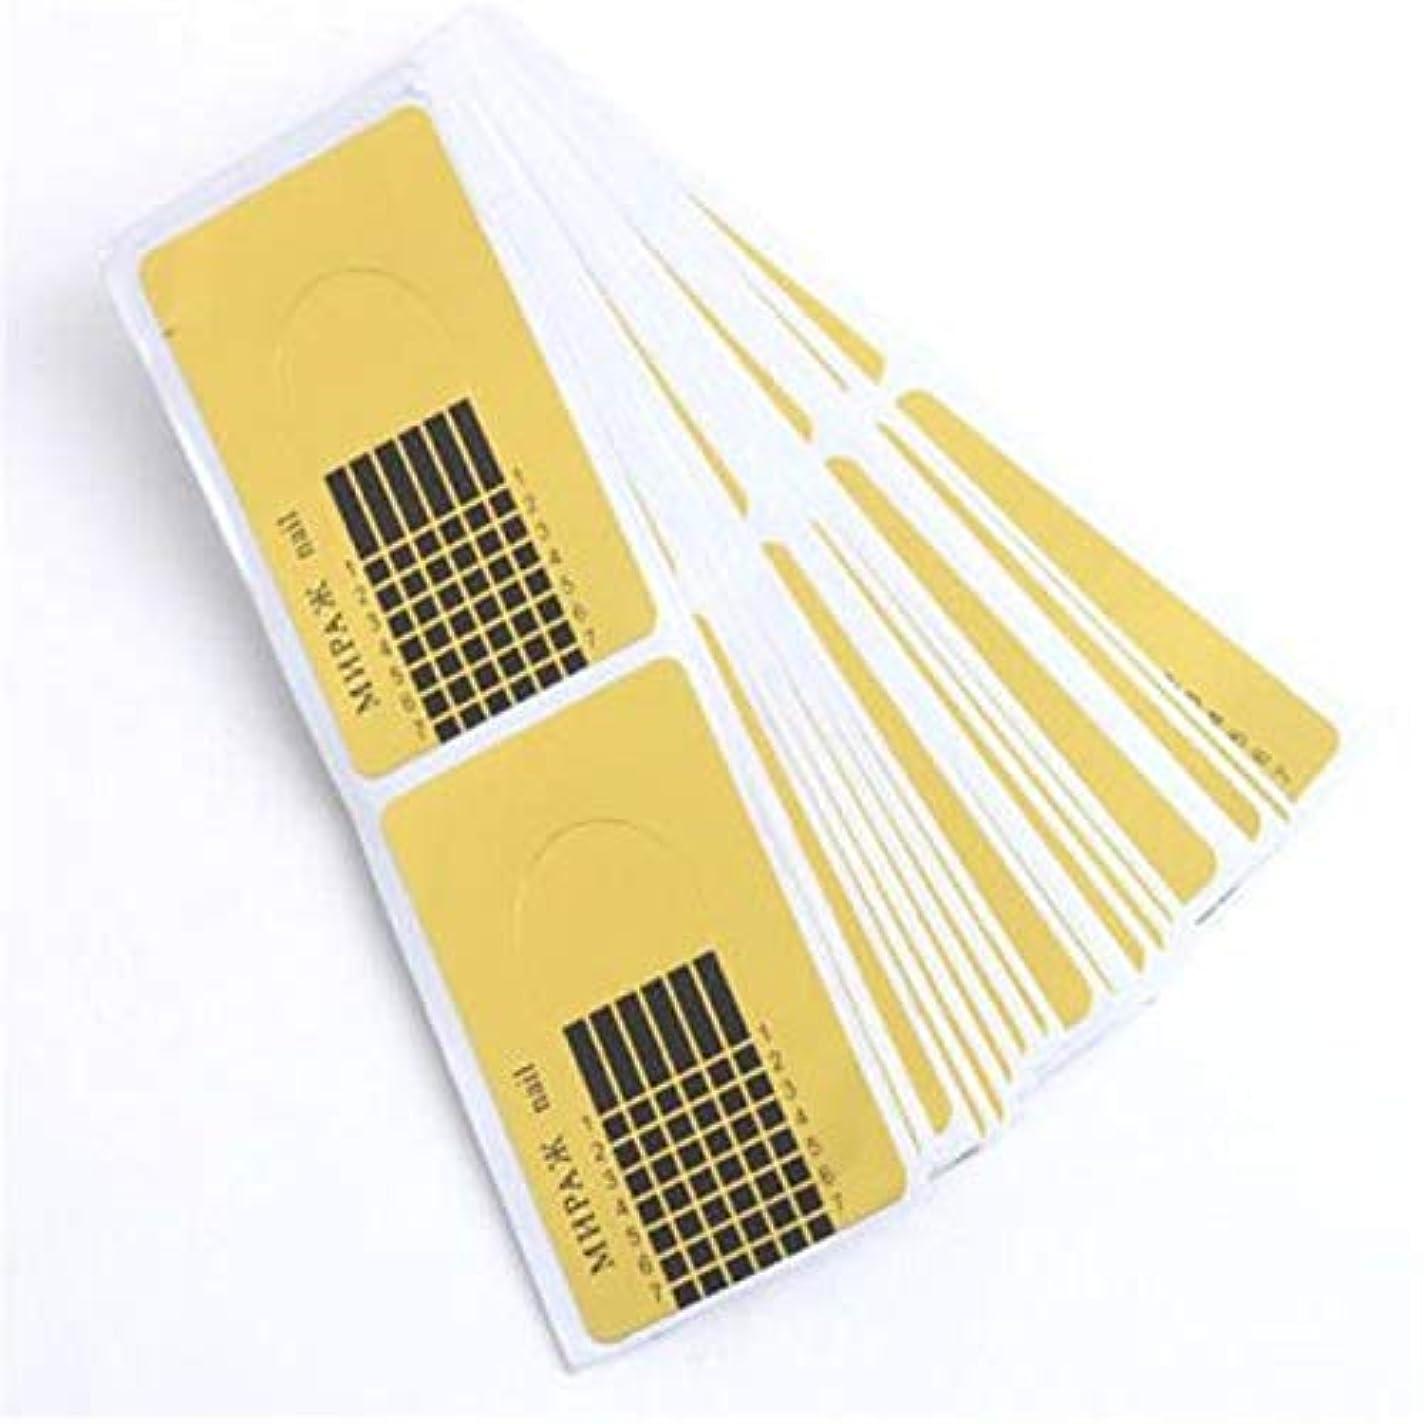 住むジョットディボンドン長くするOU-Kunmlef 魅力的なデザイン100個新しいコンセプトゴールド昆虫タイプ指トリートメント(None golden)